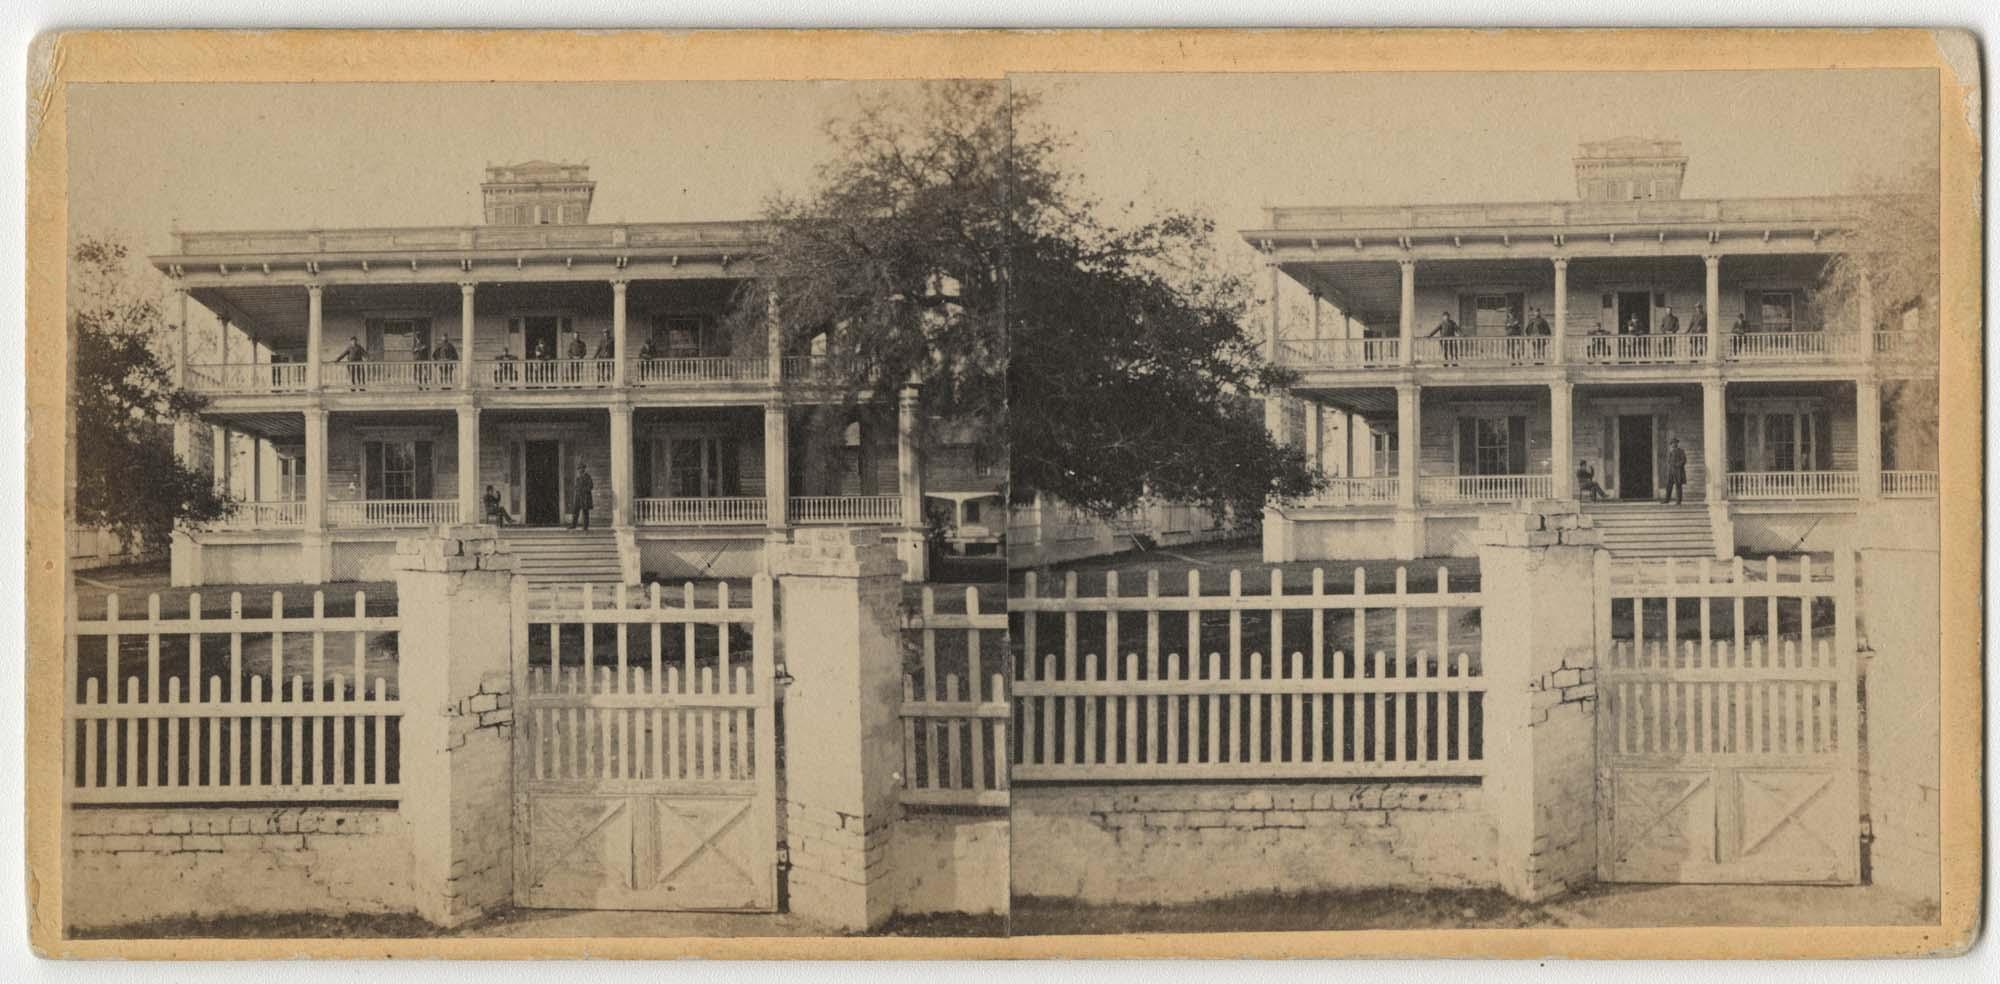 Hospital No. 1